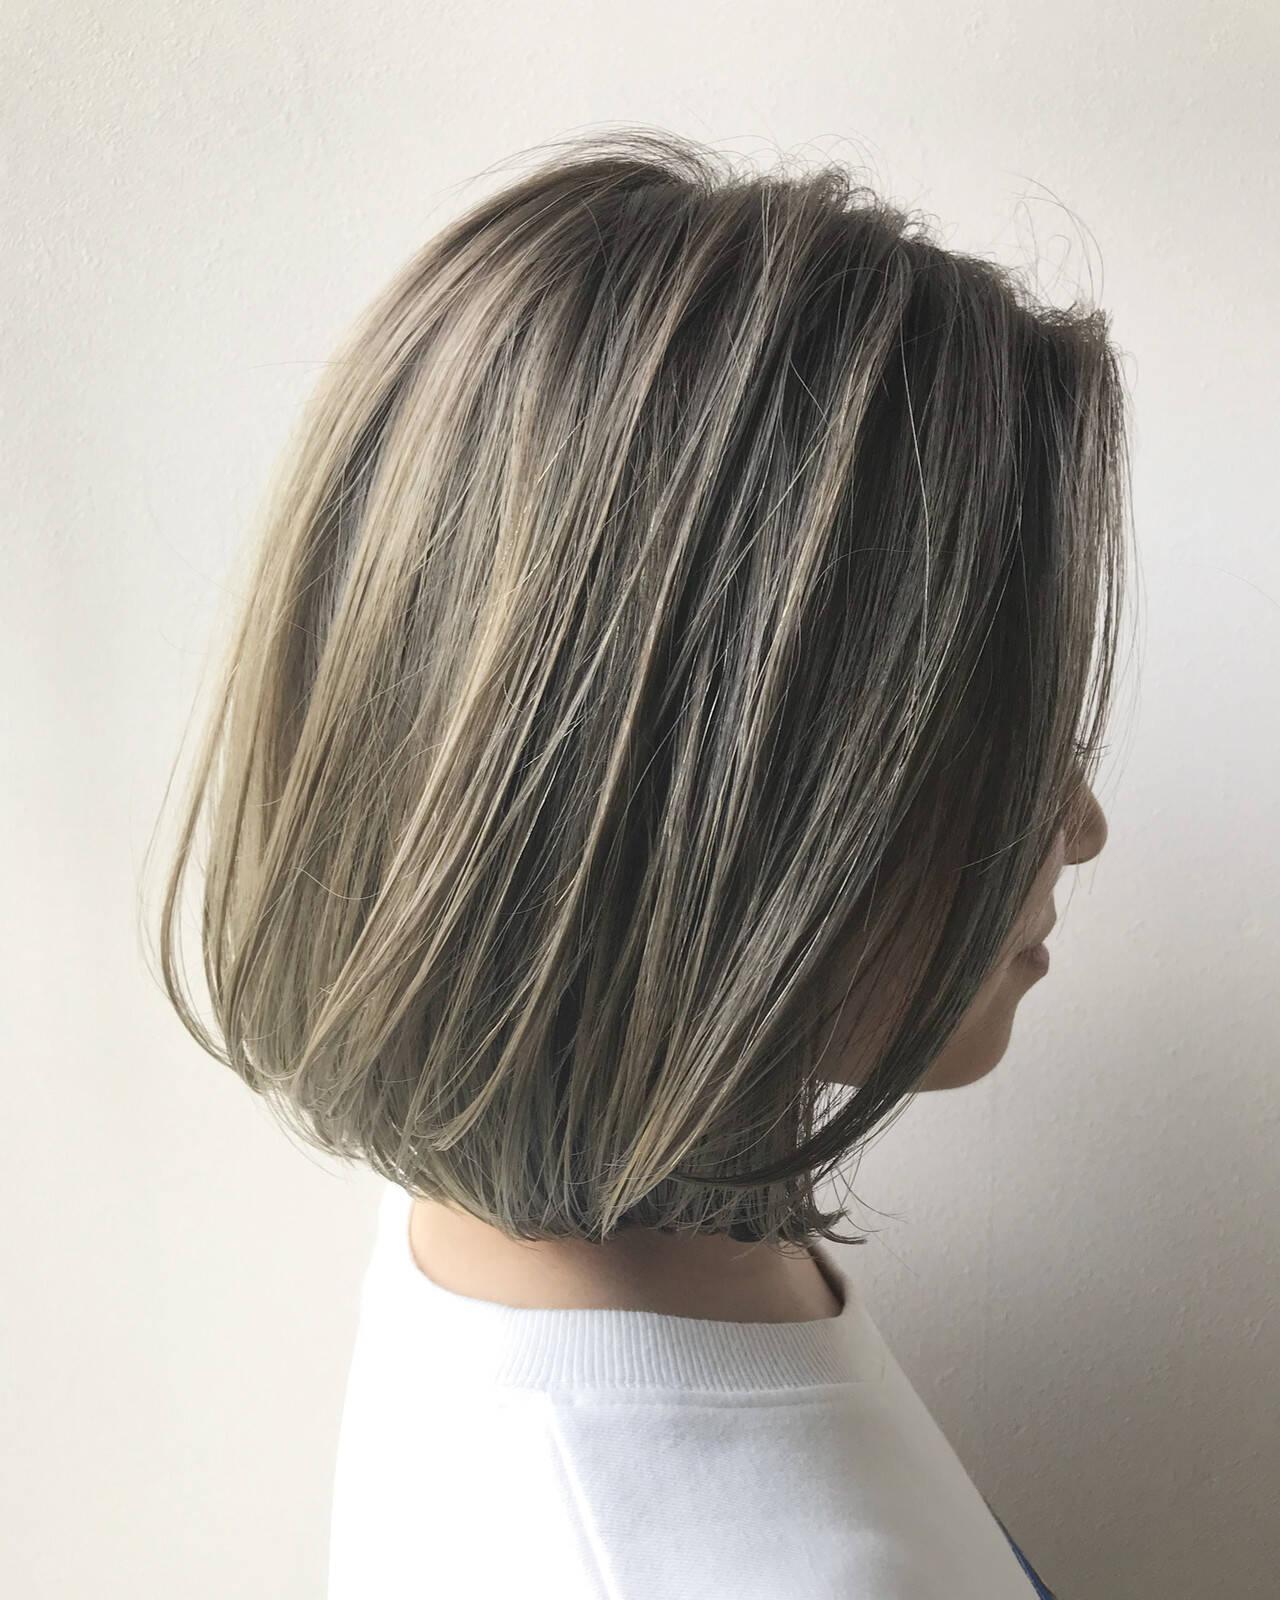 ミニボブ ハイライト ボブ 透明感ヘアスタイルや髪型の写真・画像